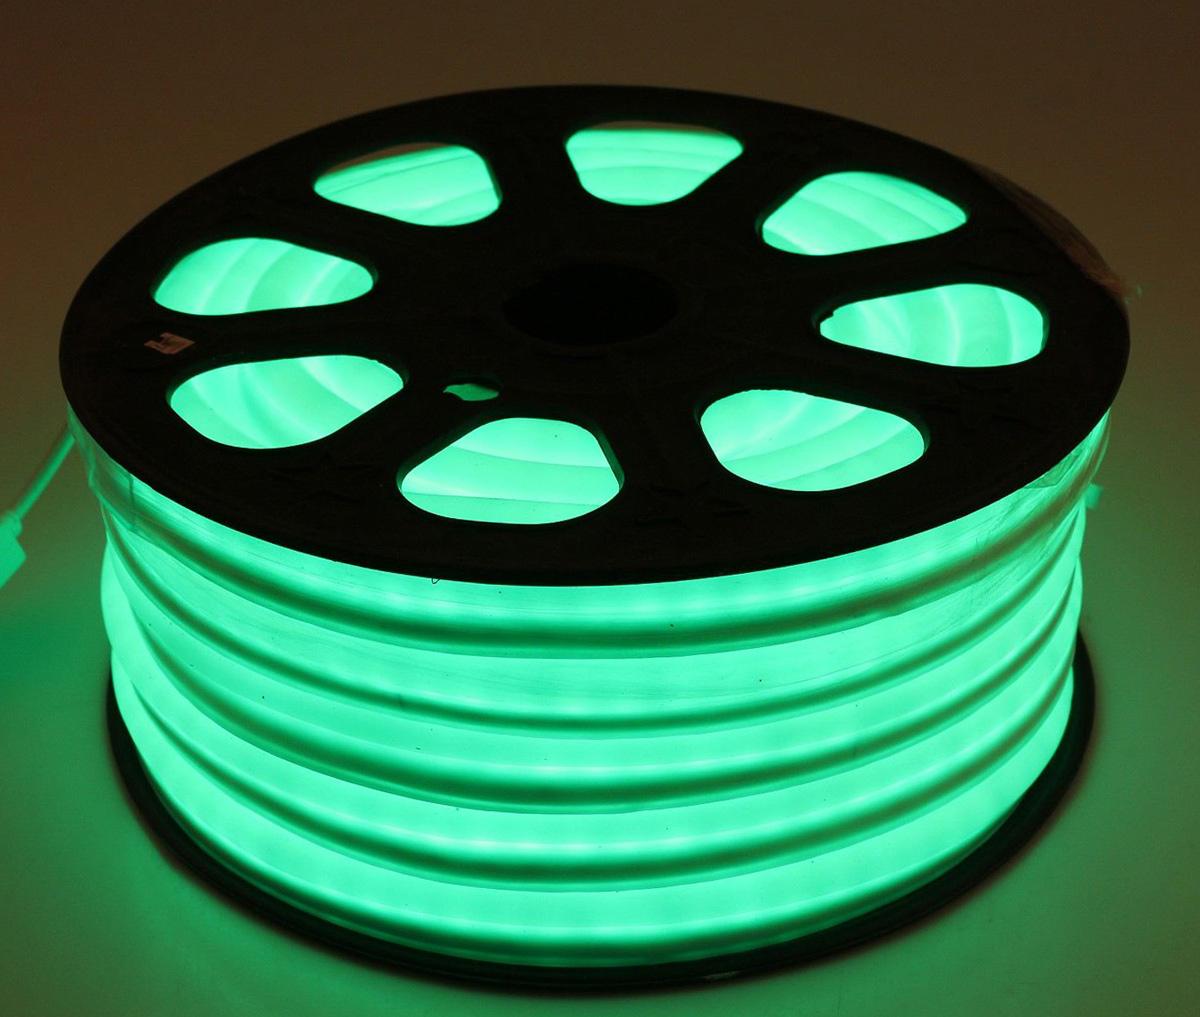 Гирлянда светодиодная Sima-land, 80 ламп, 220 V, цвет: зеленый, 1,2 см х 2,4 см х 20 м. 678018678018Светодиодные гирлянды, ленты и т.д — это отличный вариант для новогоднего оформления интерьера или фасада. С их помощью помещение любого размера можно превратить в праздничный зал, а внешние элементы зданий, украшенные ими, мгновенно станут напоминать очертания сказочного дворца. Такие украшения создают ауру предвкушения чуда. Деревья, фасады, витрины, окна и арки будто специально созданы, чтобы вы украсили их светящимися нитями.